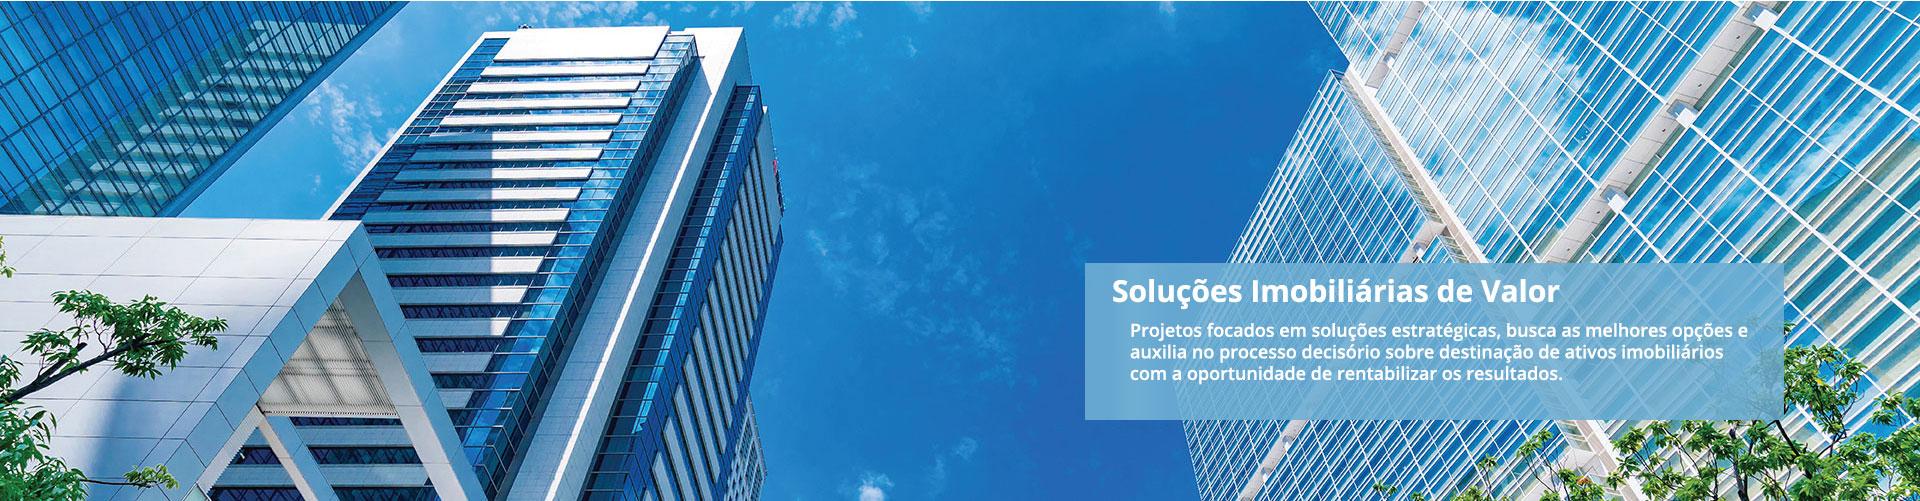 solucoes_imobiliarias_excelia_alta_1920x501px-2